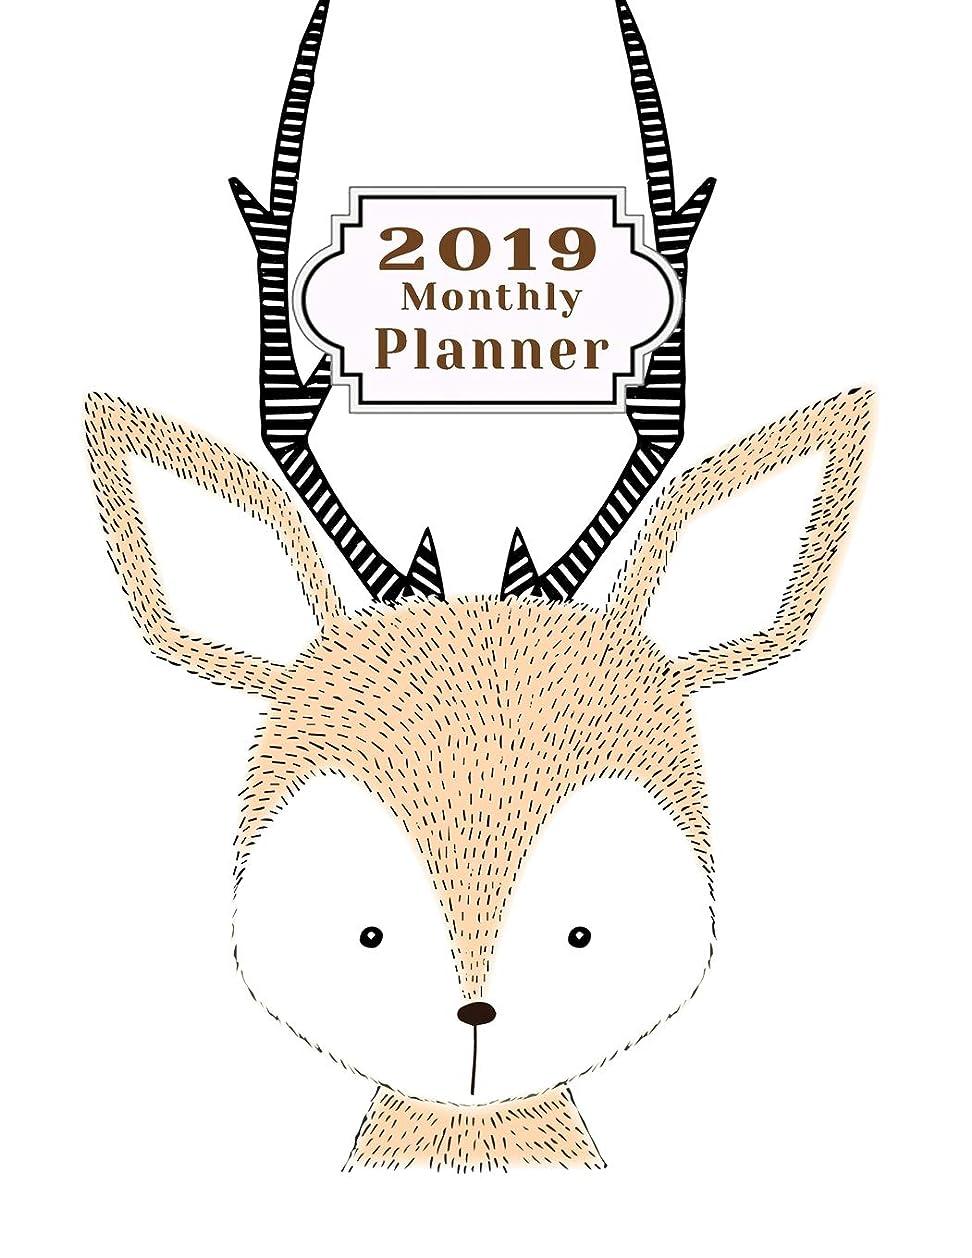 皮逃す魅了する2019 monthly planner: Schedule Beautiful Organizer Lovely Cute hand drawn deer design background Monthly and Weekly Calendar To do List Top goal and Focus (Planner 2019)